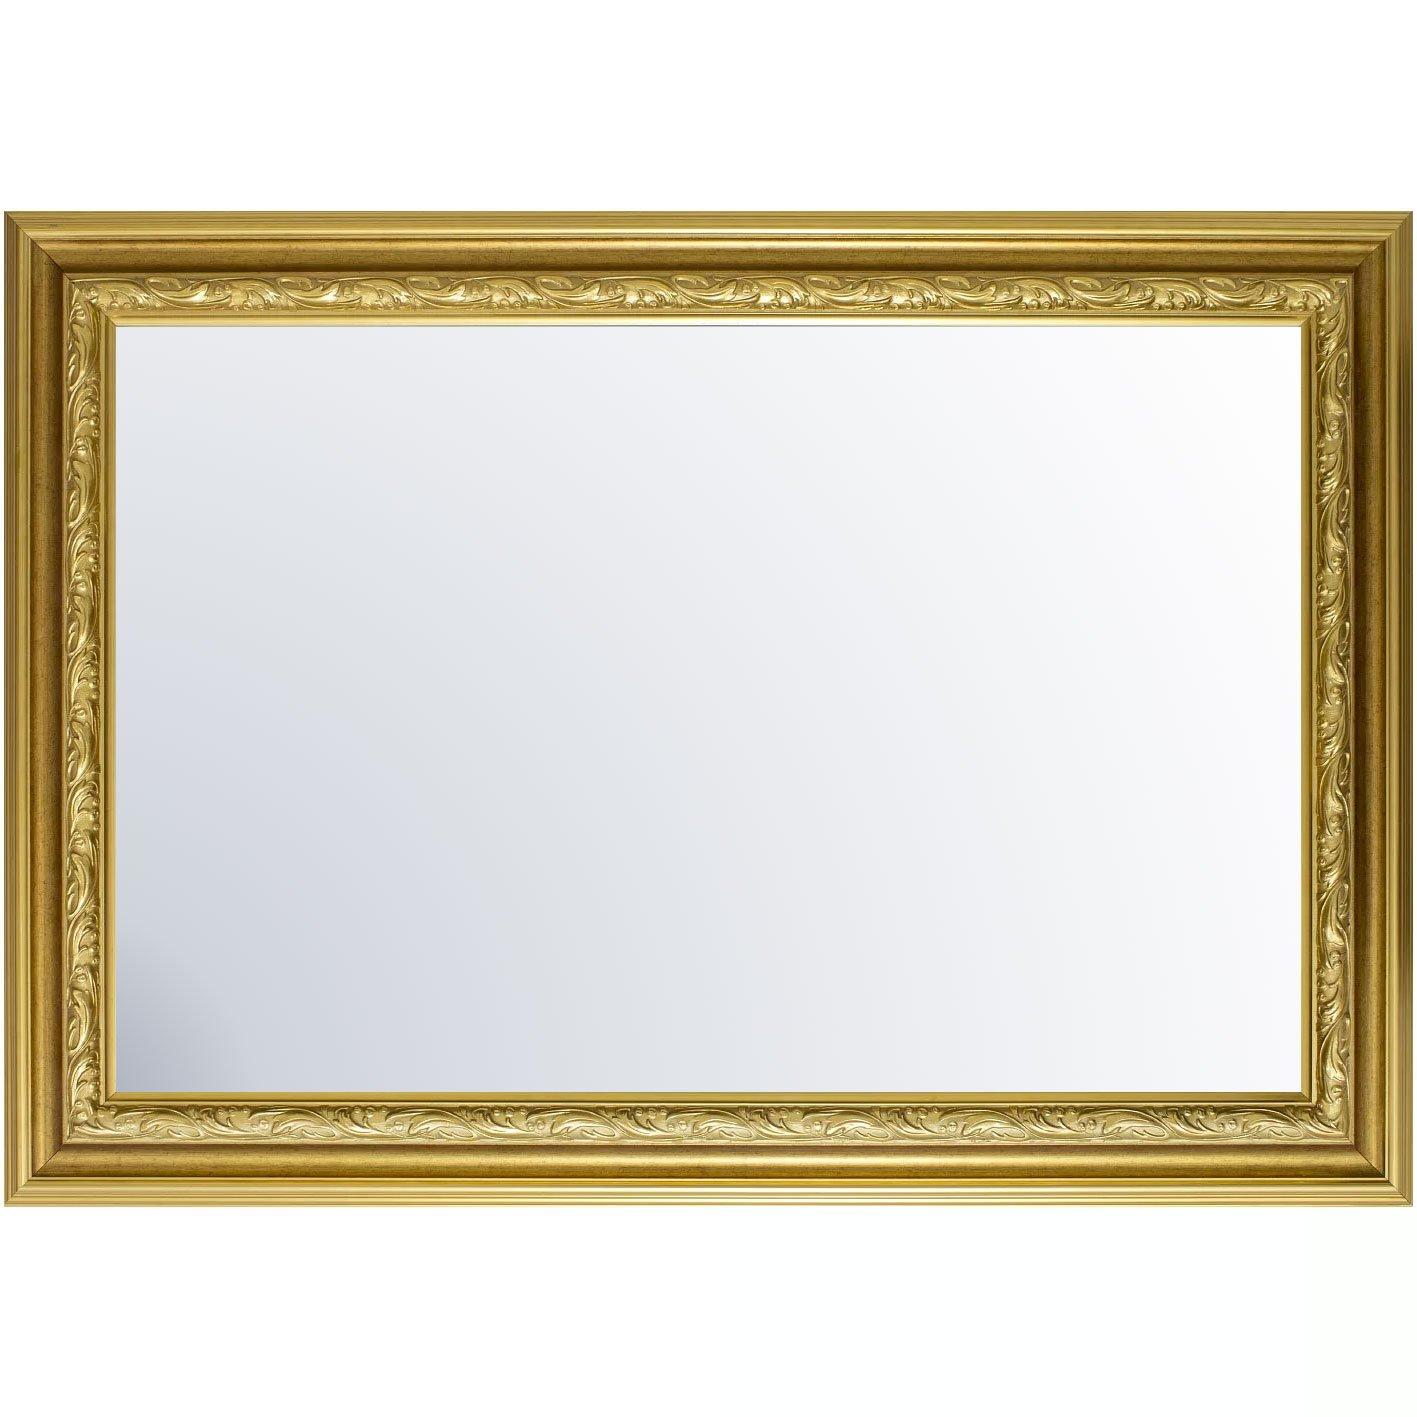 Espelho Cristal no Estilo Clássico Moldura na Cor Ouro